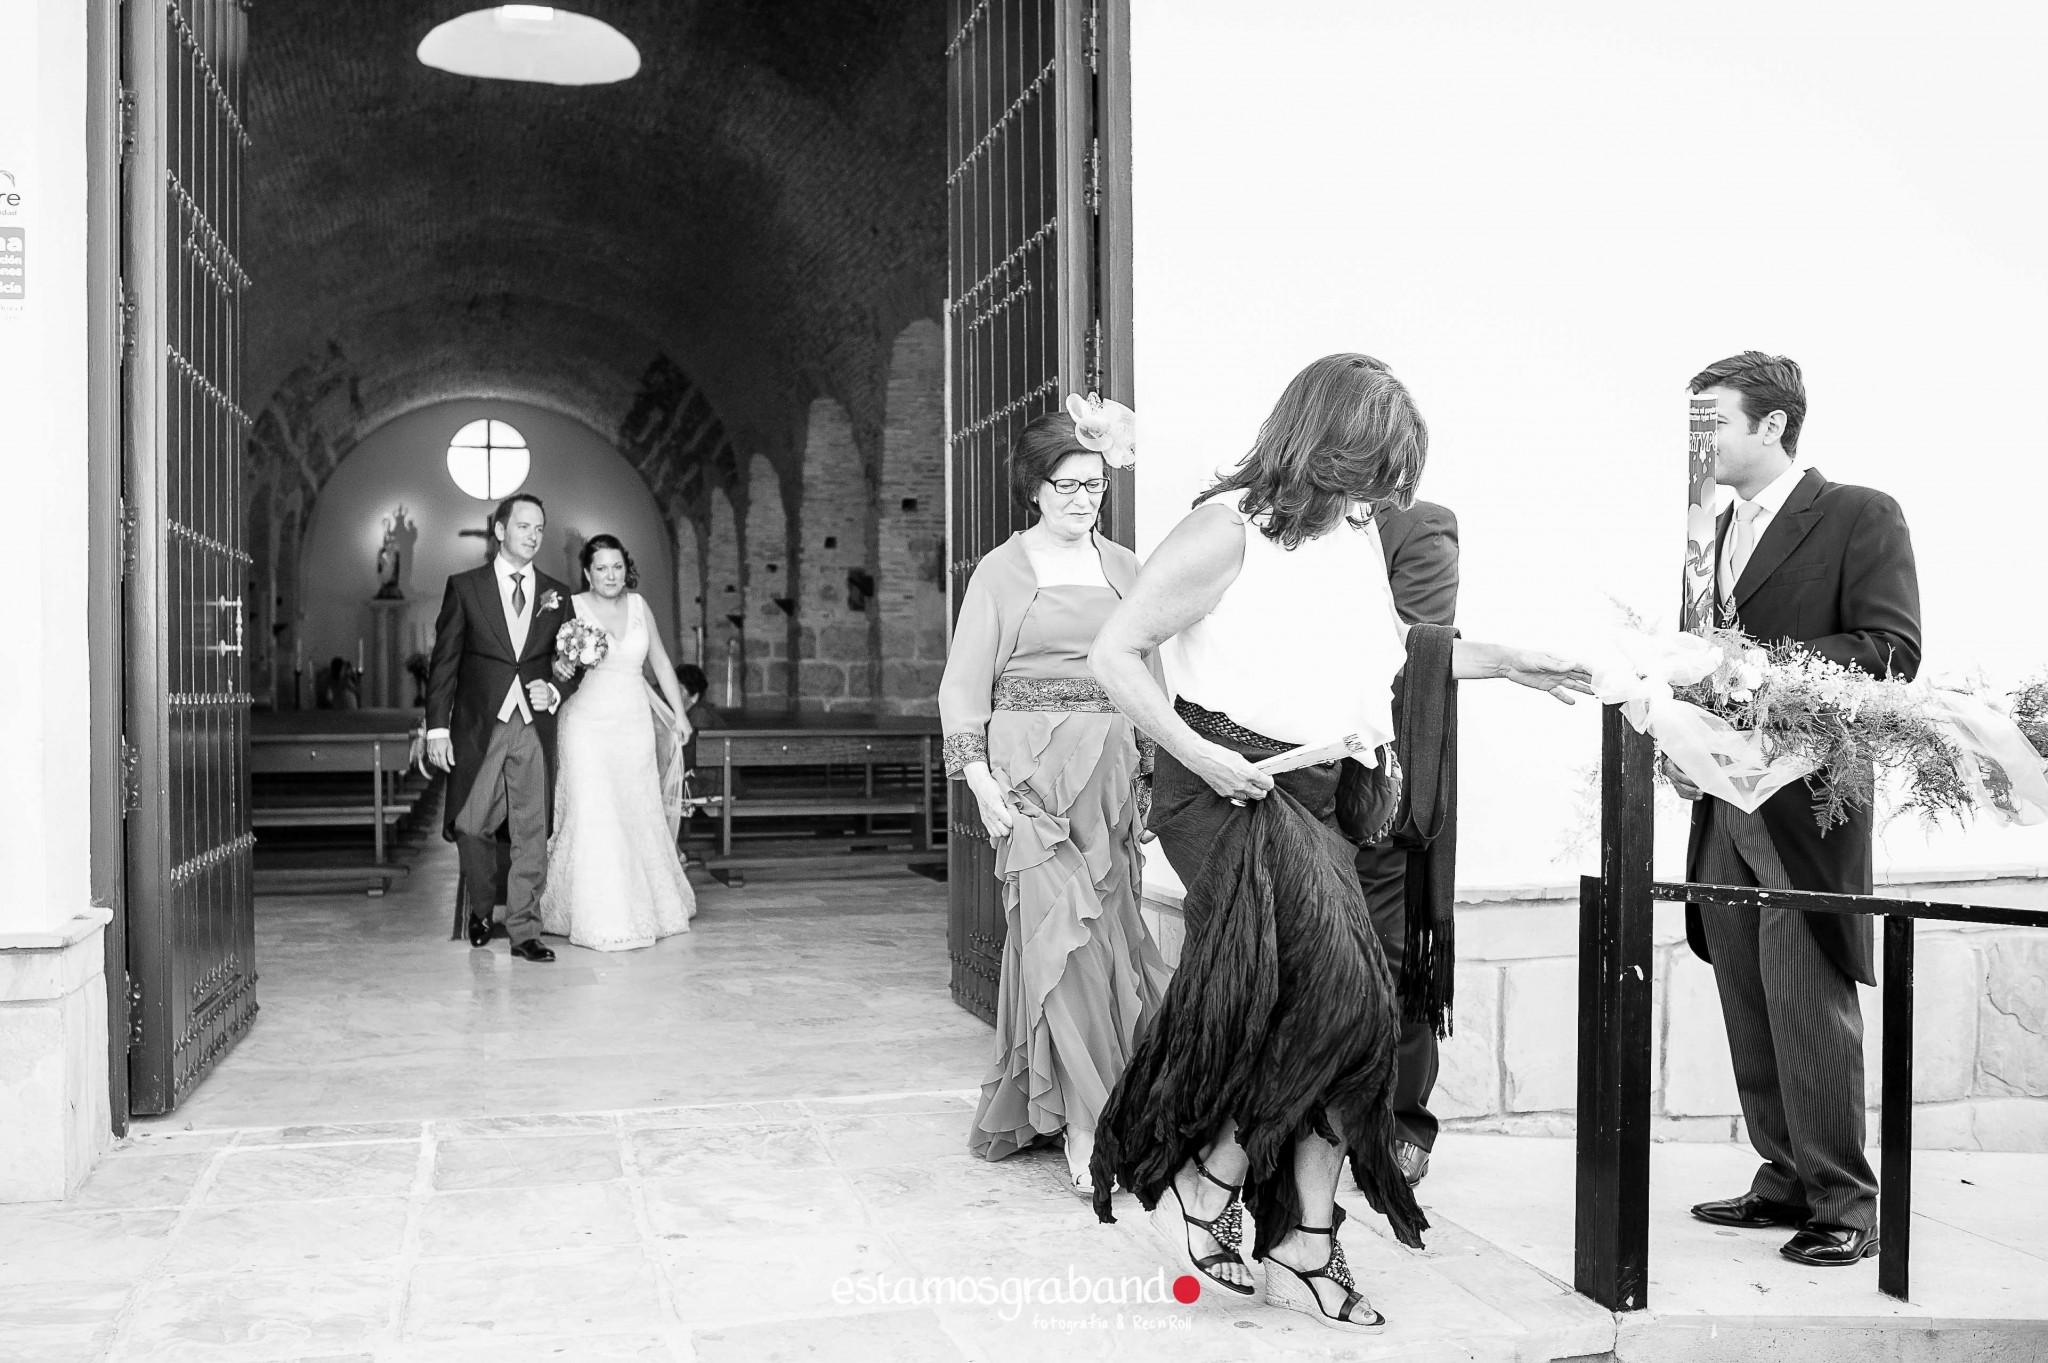 boda-en-chiclana_sonia-y-diego_fotograficc81a-de-boda-48 Zahara Sonia + Diego [Fotografía de Boda en Zahara] - video boda cadiz